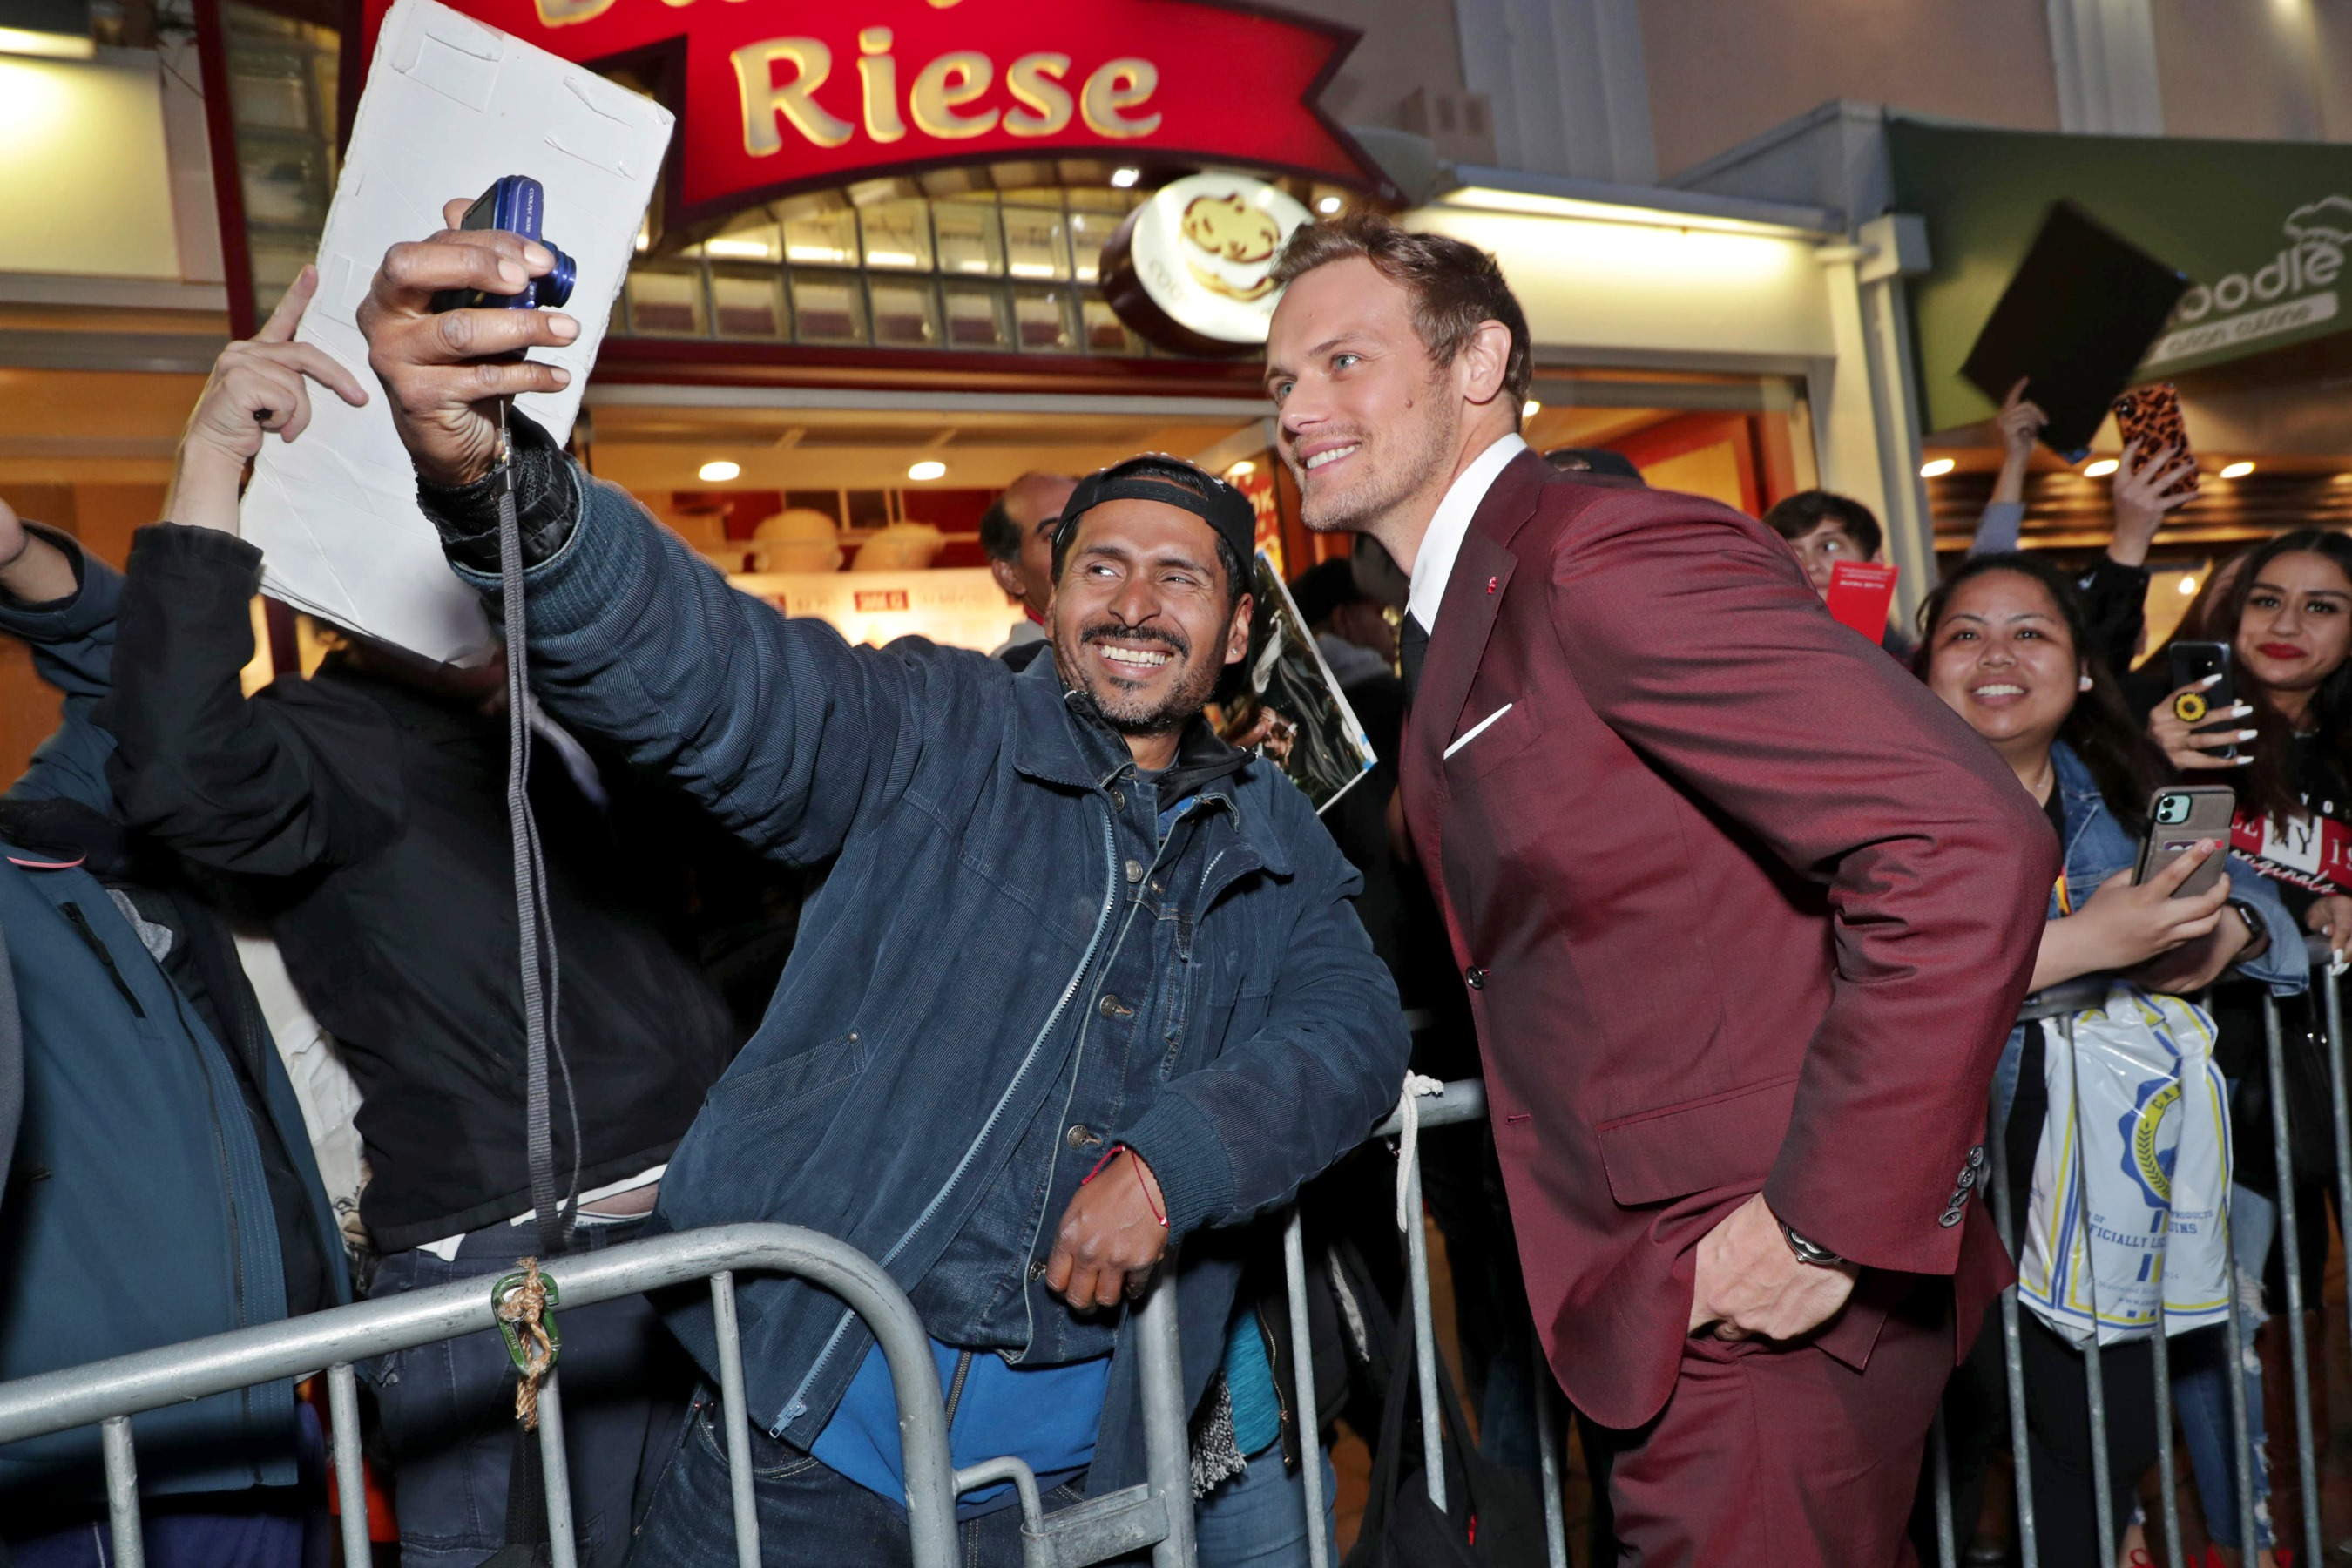 好萊塢延檔潮襲來!《血衛》首映夜成為近期最盛大紅毯